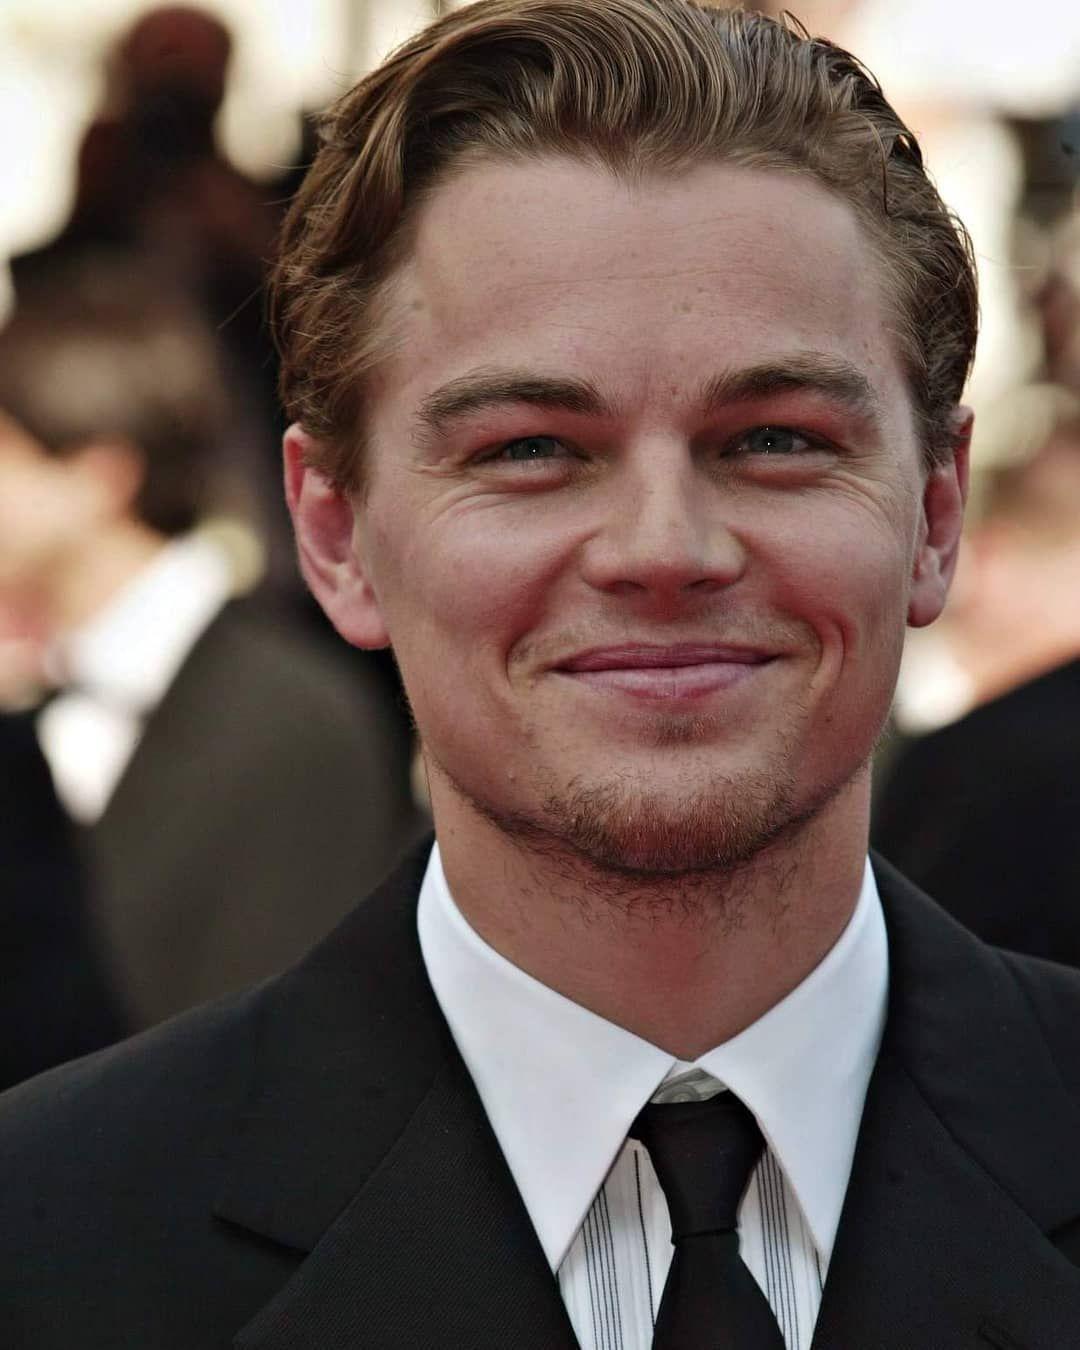 Leonardo DiCaprio Success Story